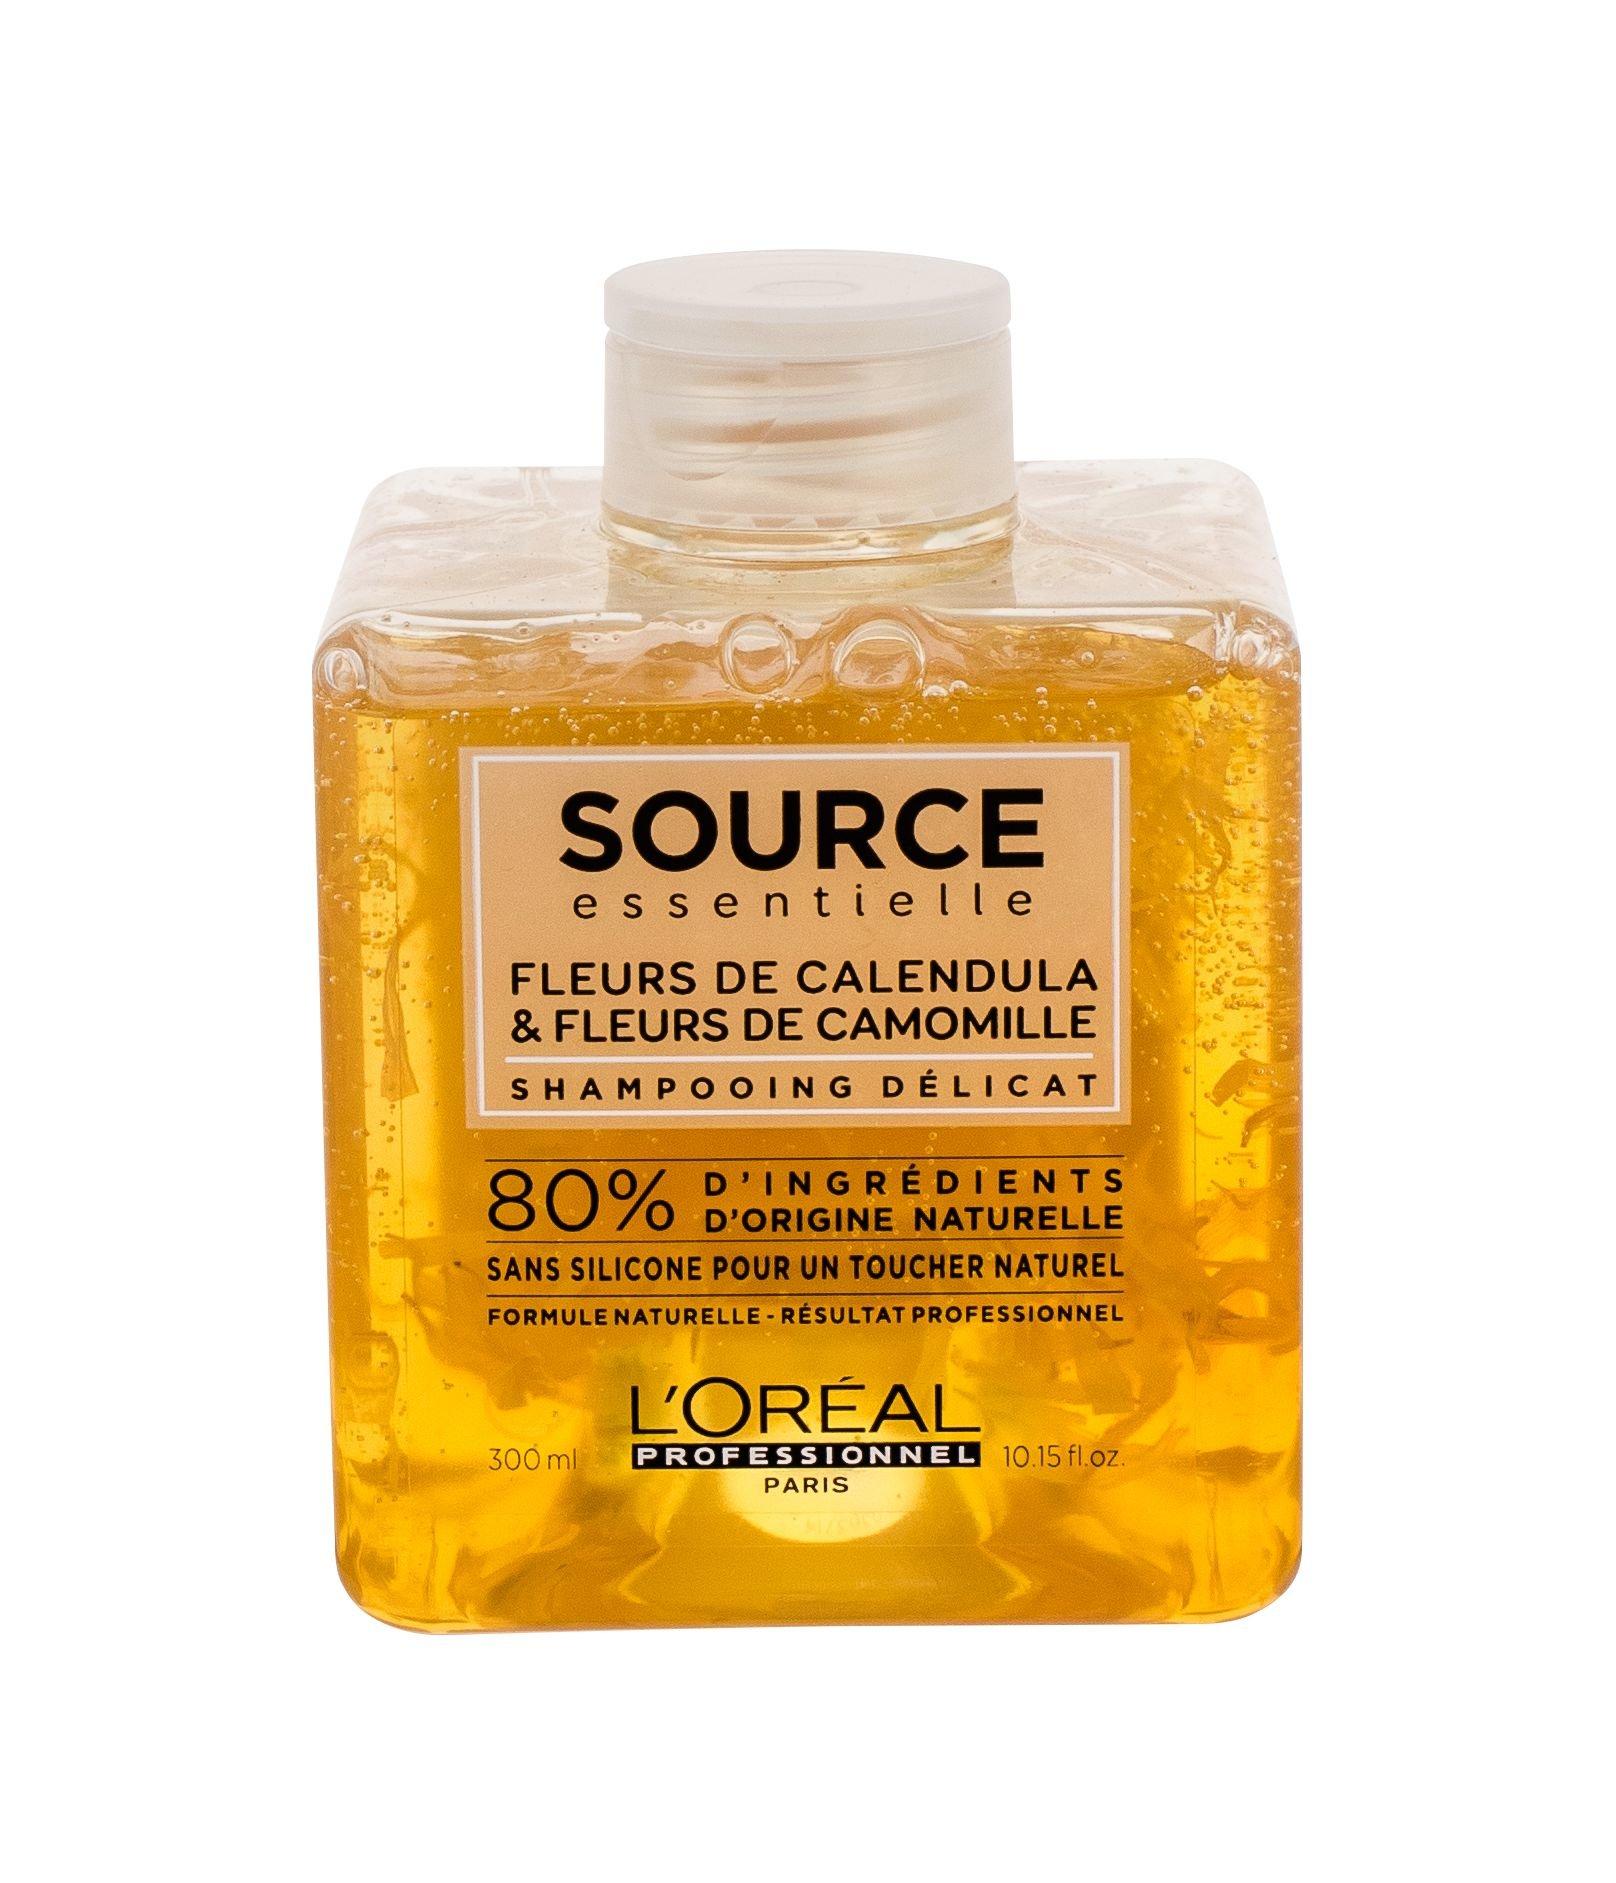 L´Oréal Professionnel Source Essentielle Shampoo 300ml